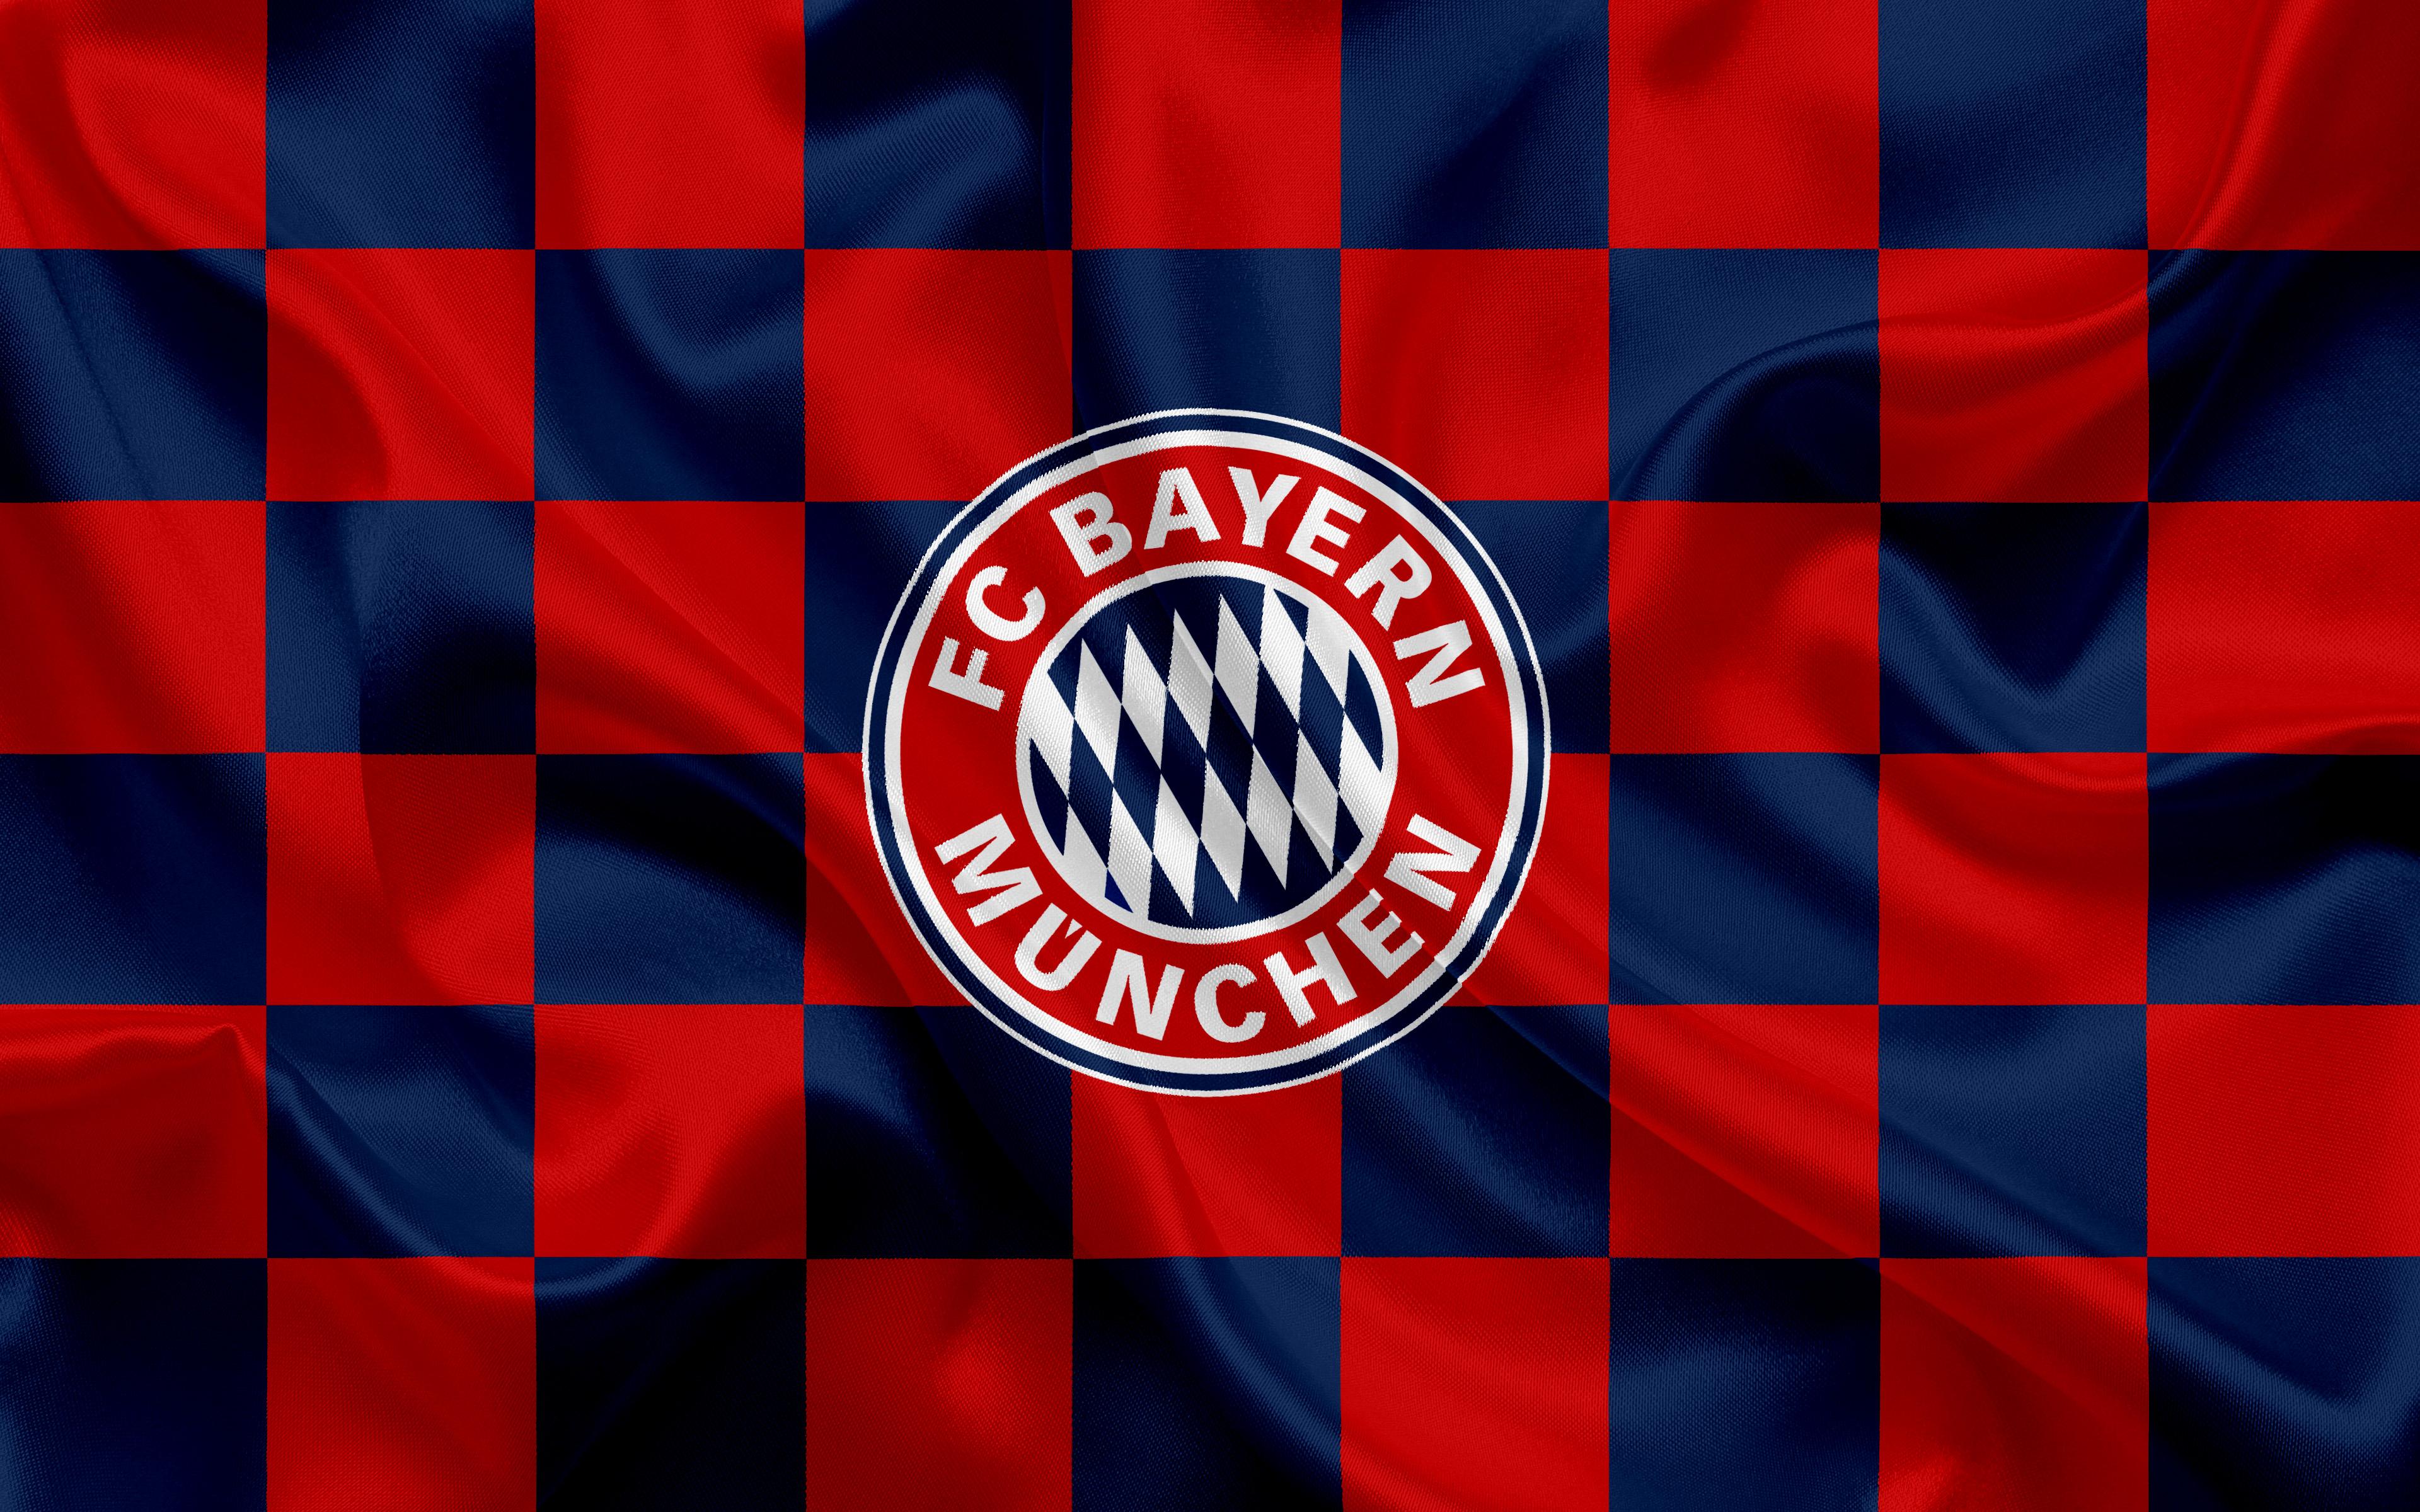 FC Bayern Munich 4k Ultra HD Wallpaper | Background Image ...